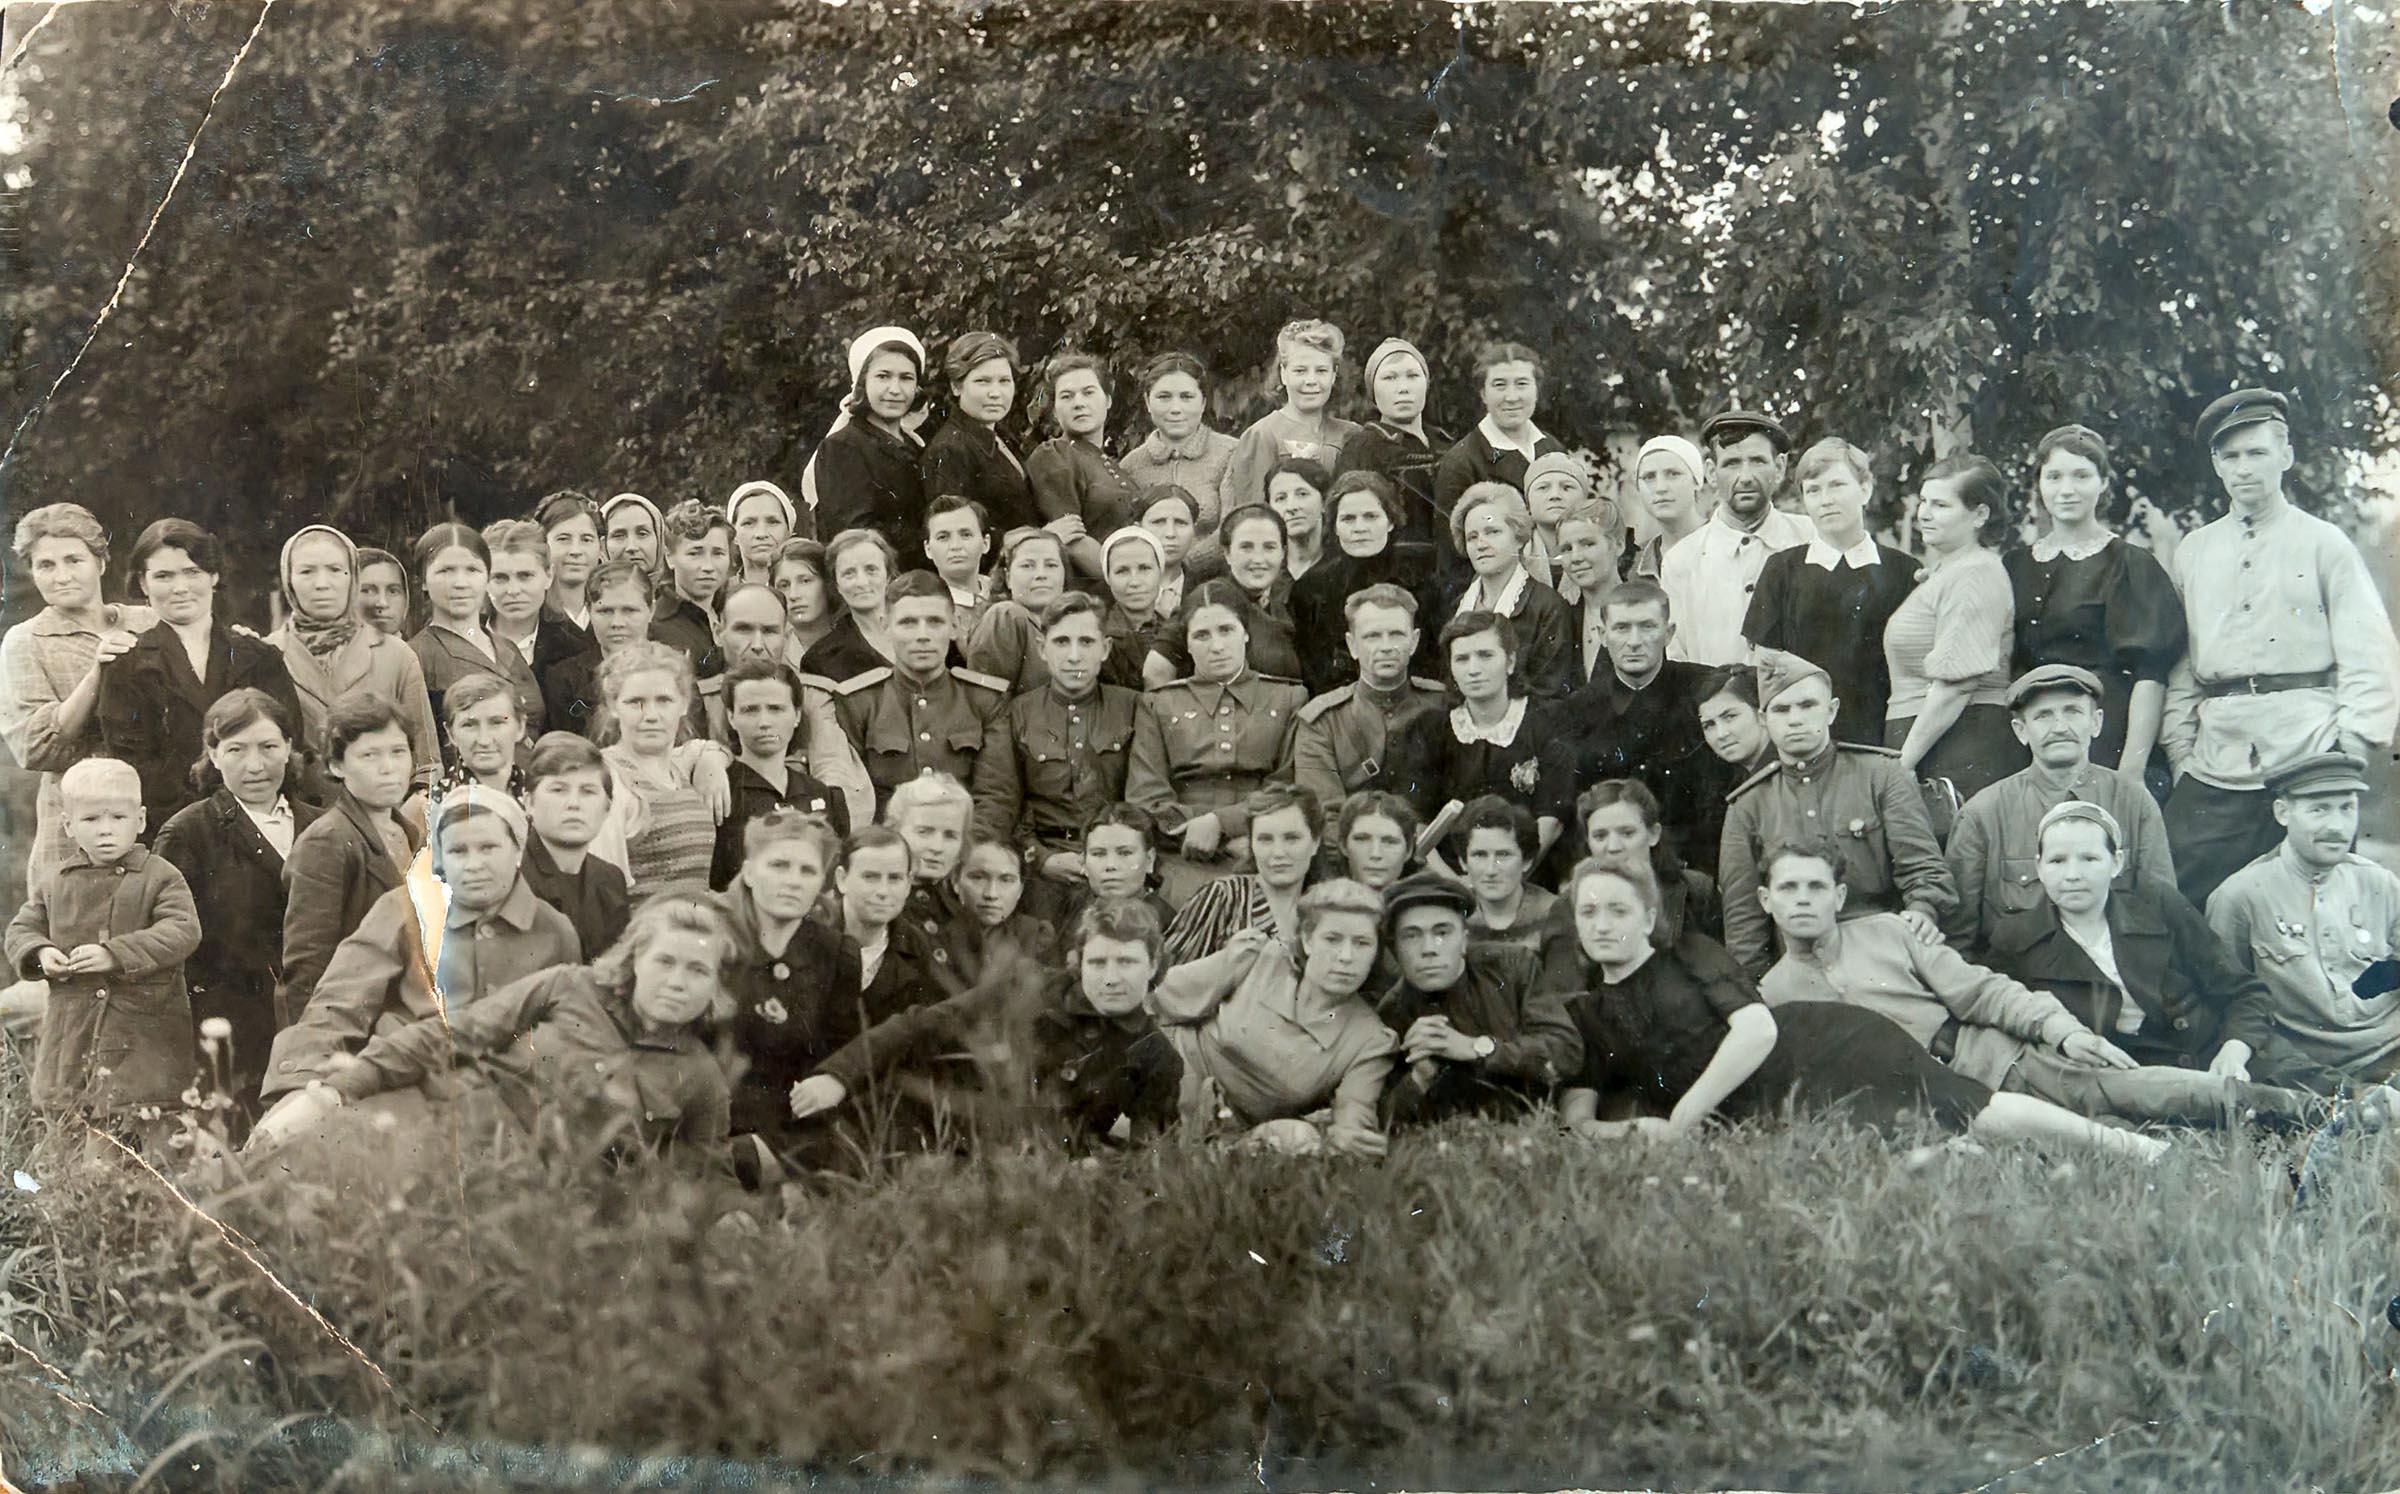 воевал с 1942 по 1945 год, конструктор цкб: - день победы я встретил в ленинградском эвакогоспитале 2570